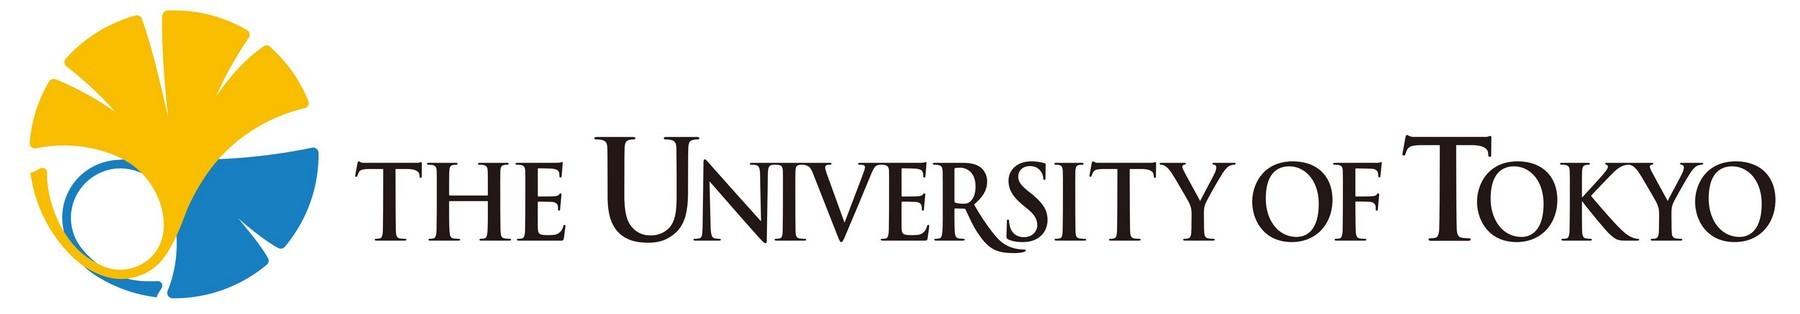 UT - University of Tokyo Arm&Emblem